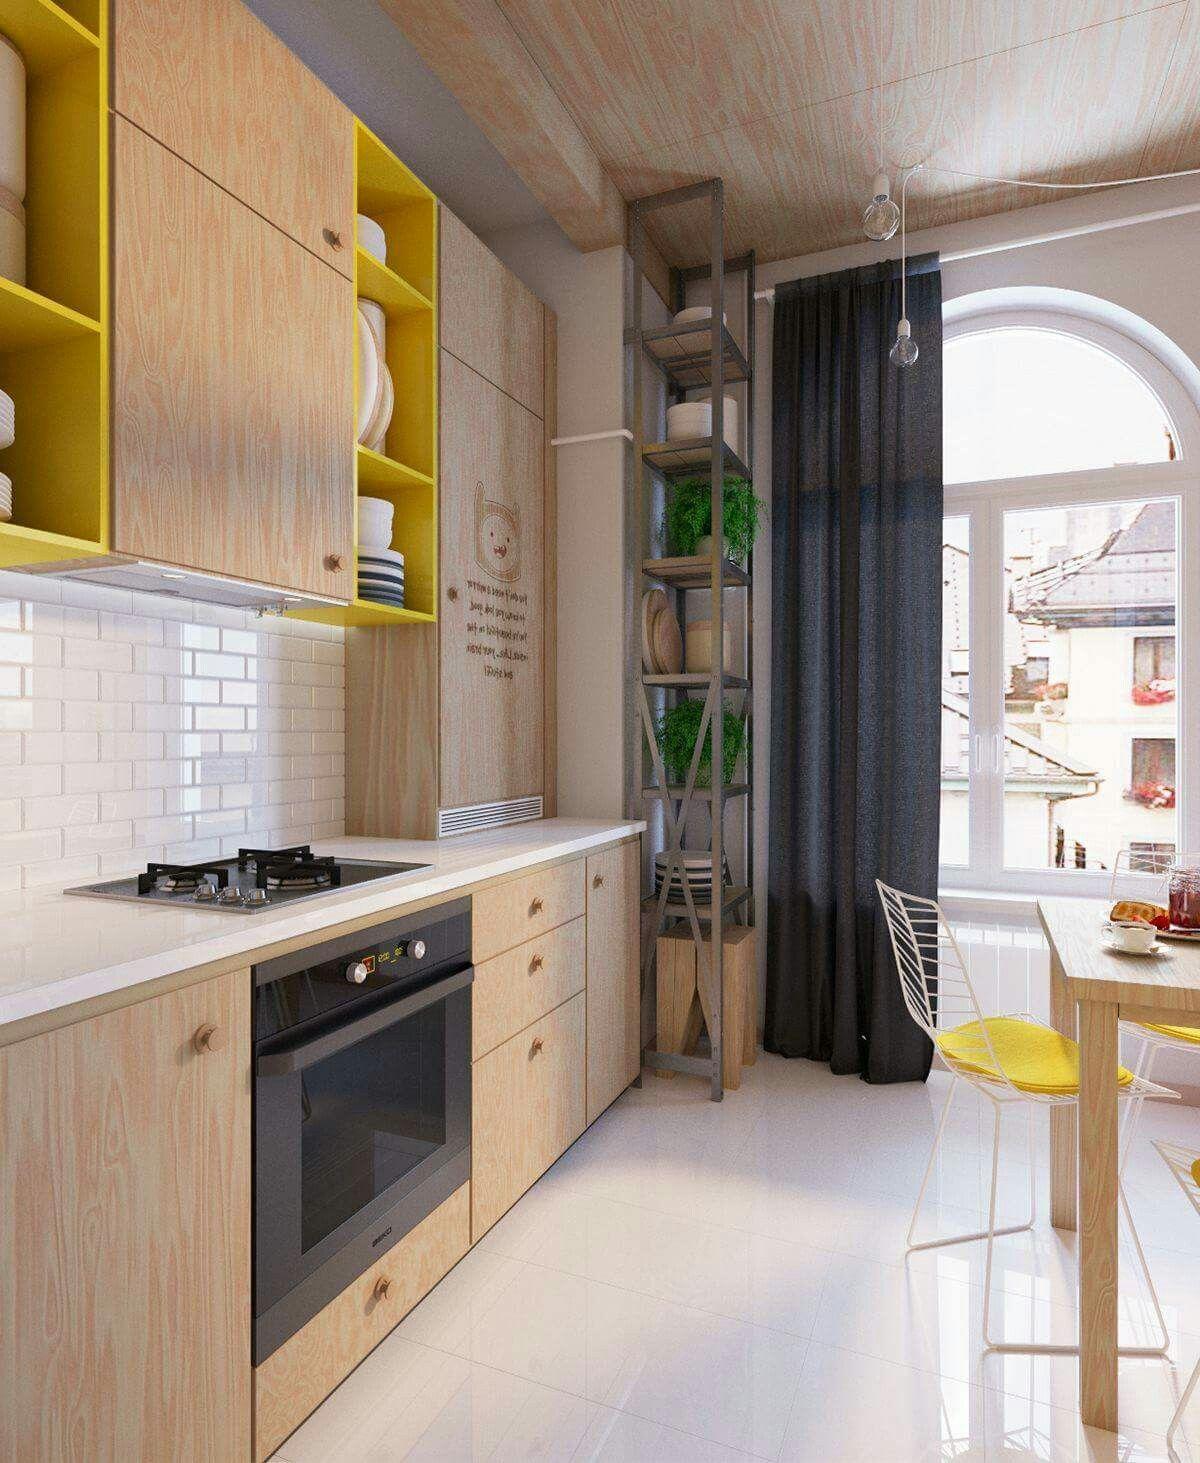 pin by hristo rashkov on kitchens interior design kitchen kitchen design yellow kitchen decor on kitchen interior yellow and white id=36745